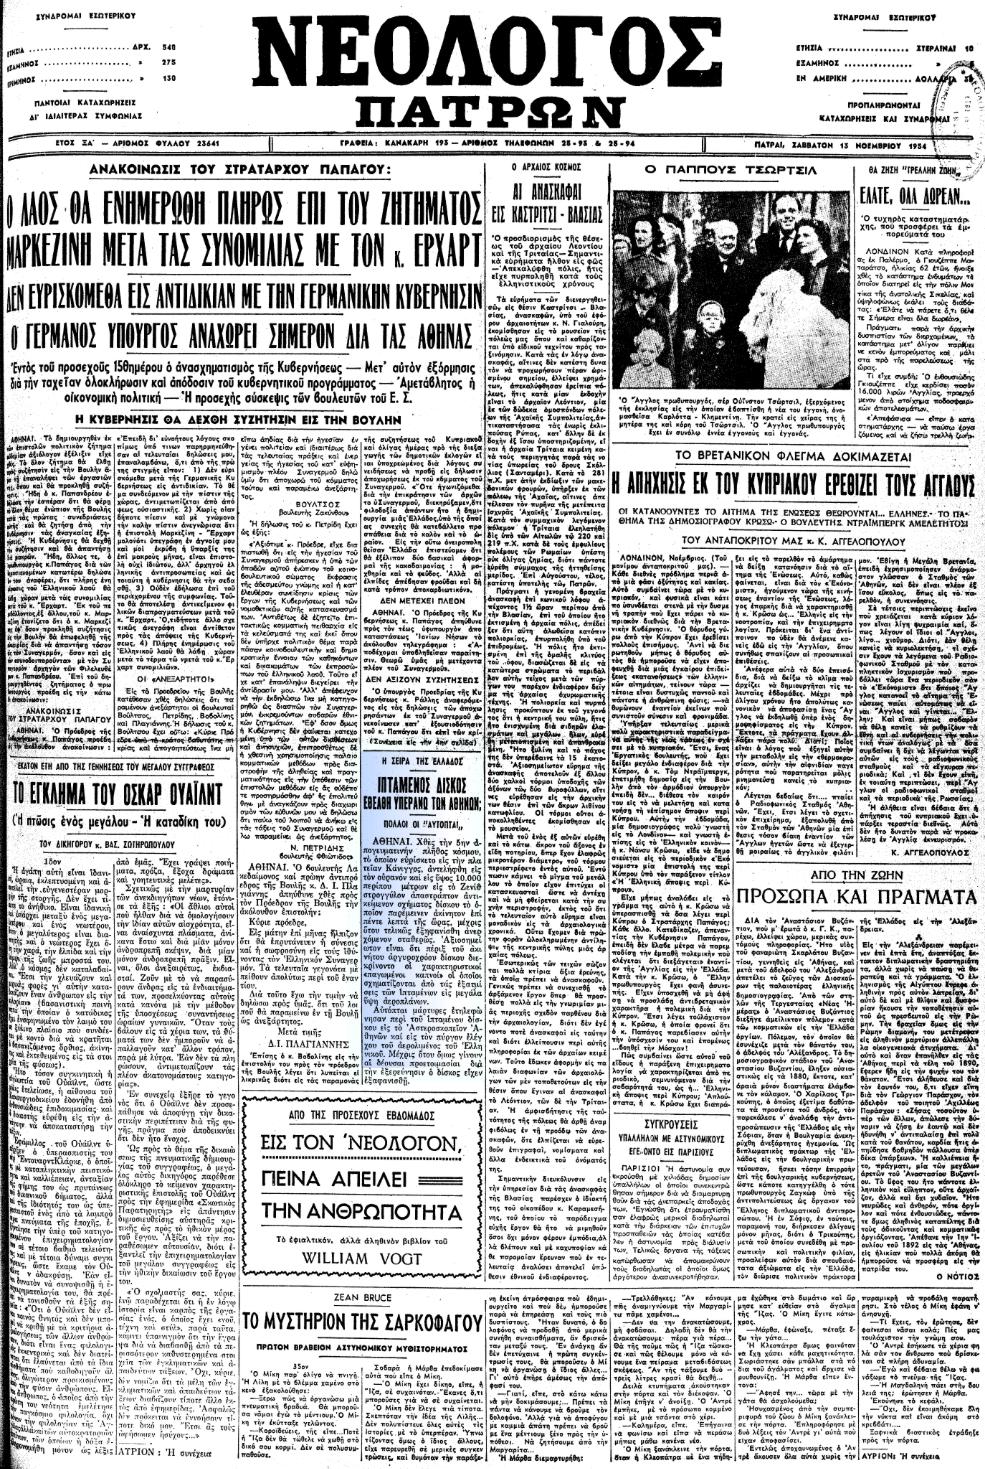 """Το άρθρο, όπως δημοσιεύθηκε στην εφημερίδα """"ΝΕΟΛΟΓΟΣ ΠΑΤΡΩΝ"""", στις 13/11/1954"""